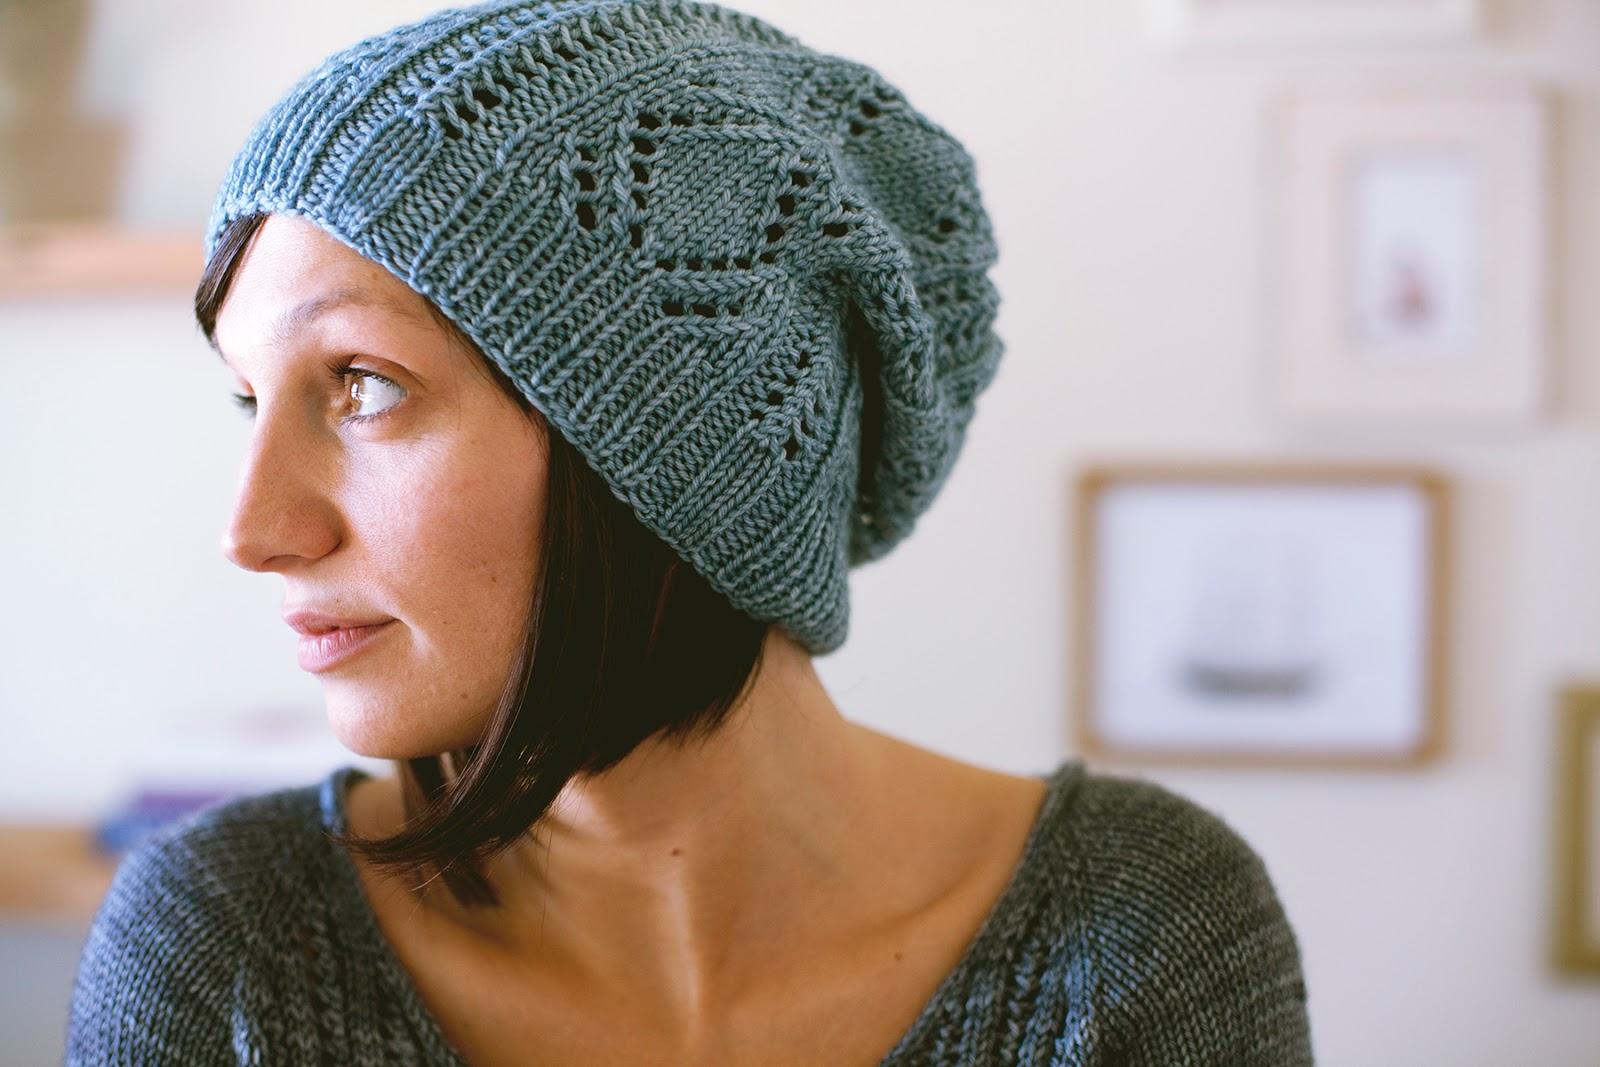 Schwimmen Hat Pattern from Shannon Cook of VeryShannon.com #schwimmen #seasonlessknits